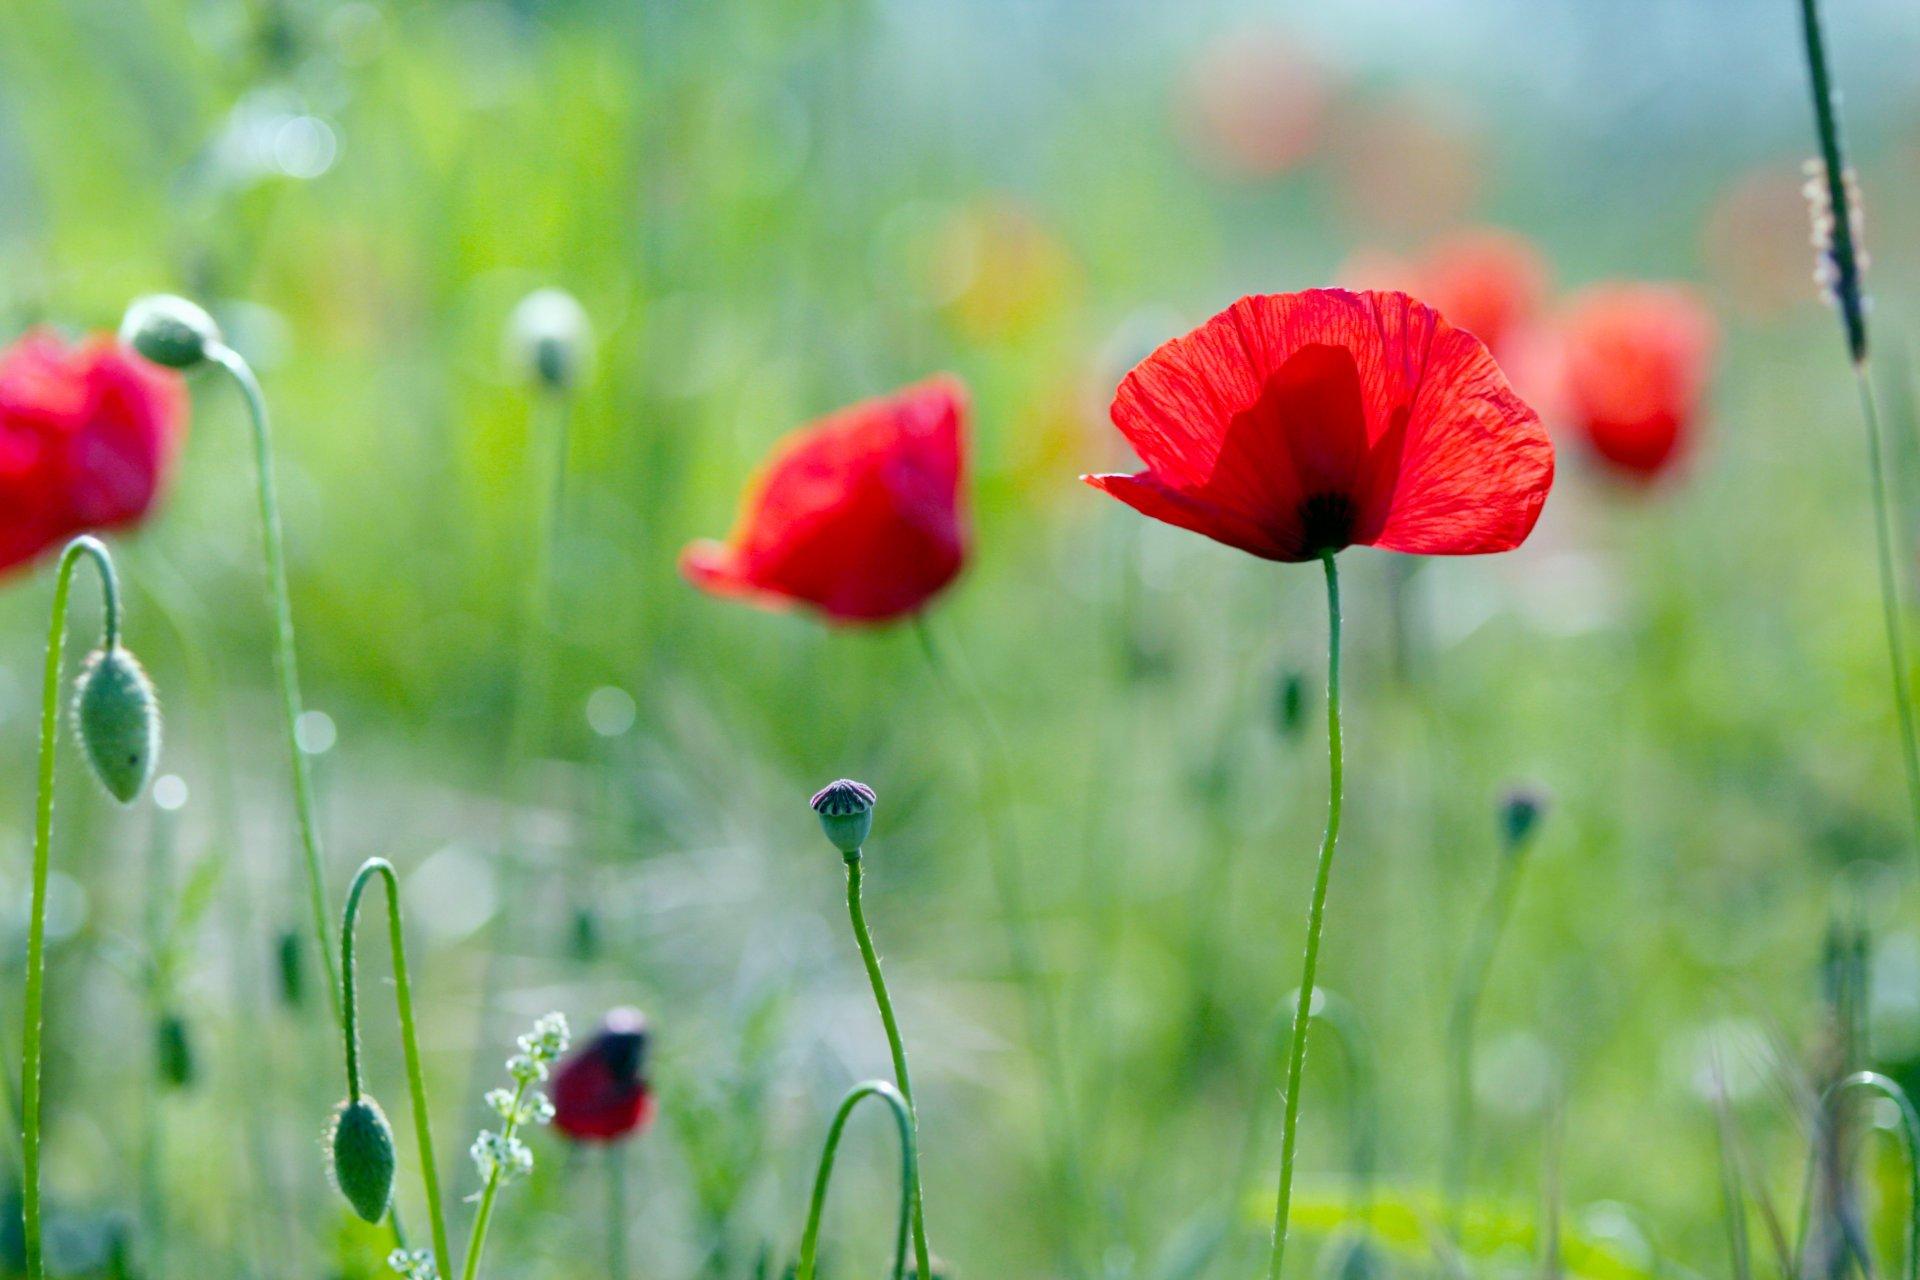 Обои на рабочий стол лето вода природа цветы